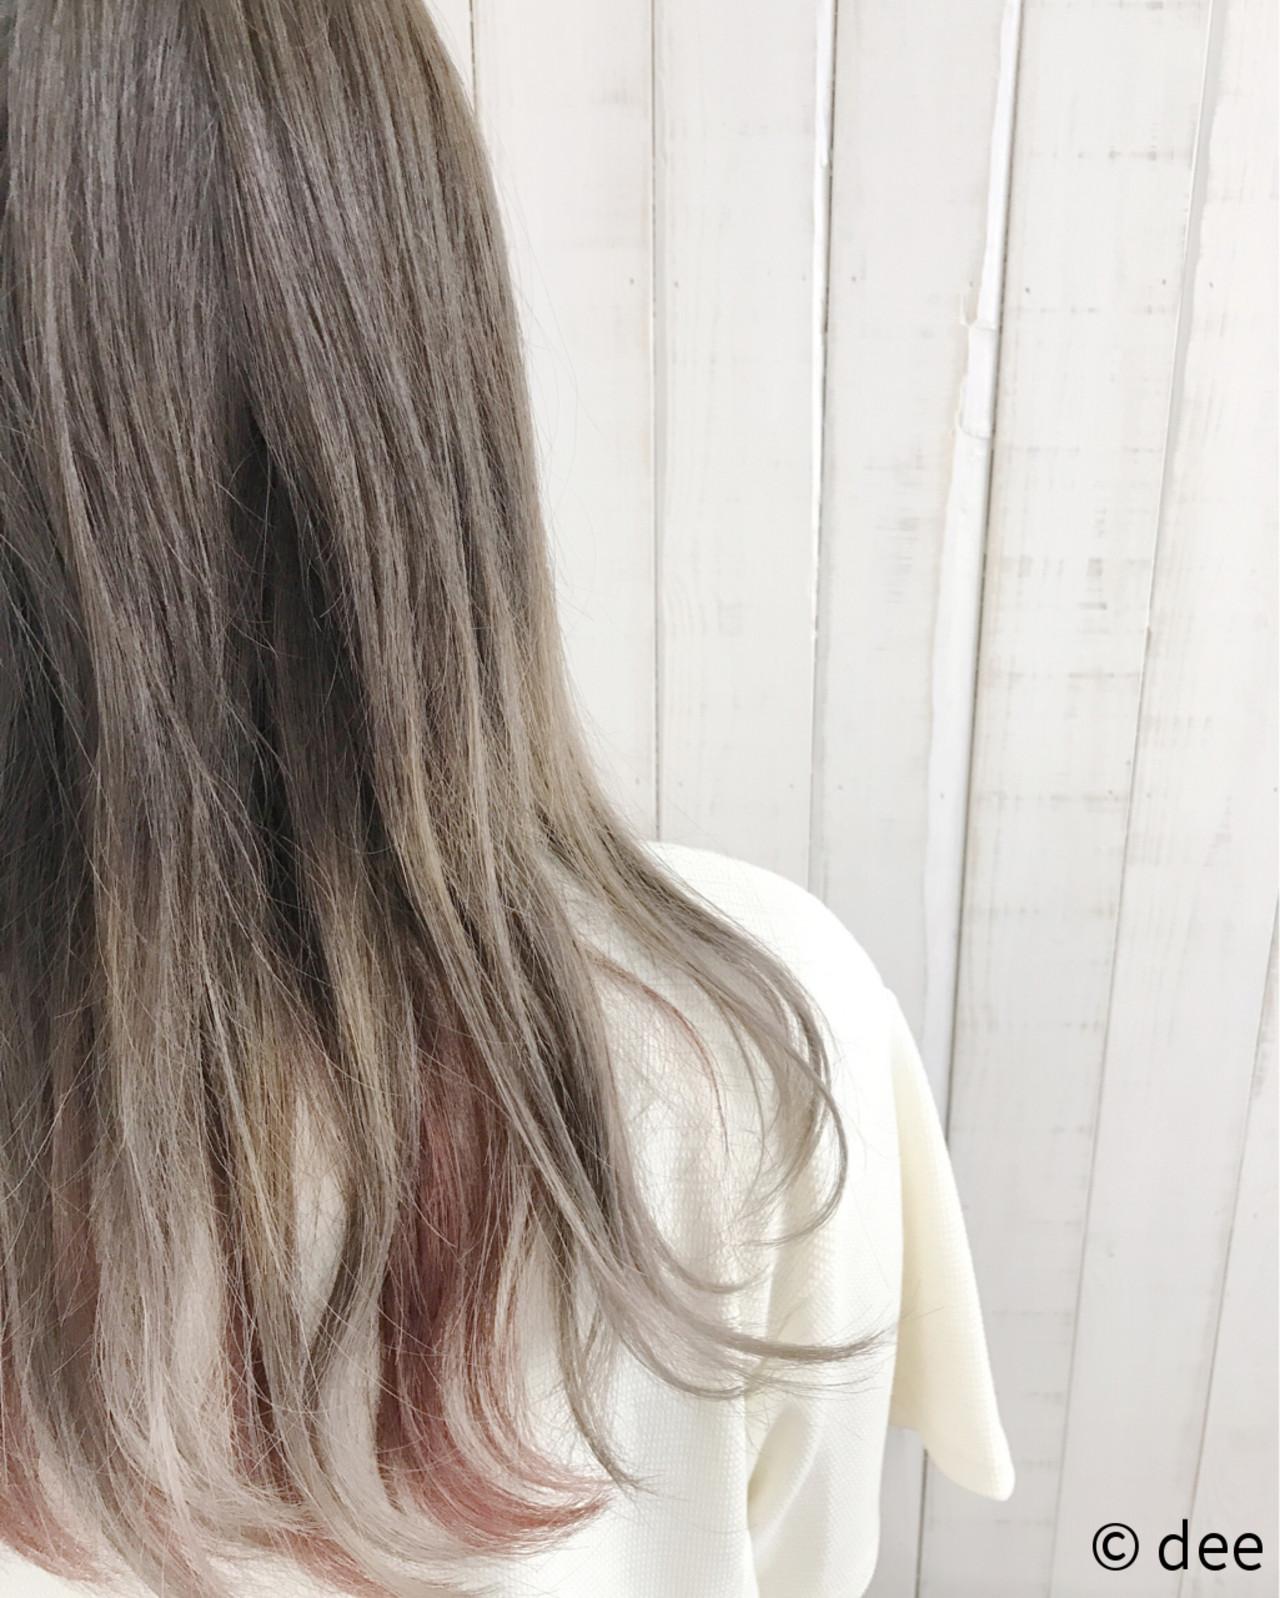 グレージュ グラデーションカラー 外国人風 インナーカラー ヘアスタイルや髪型の写真・画像 | dee / dee